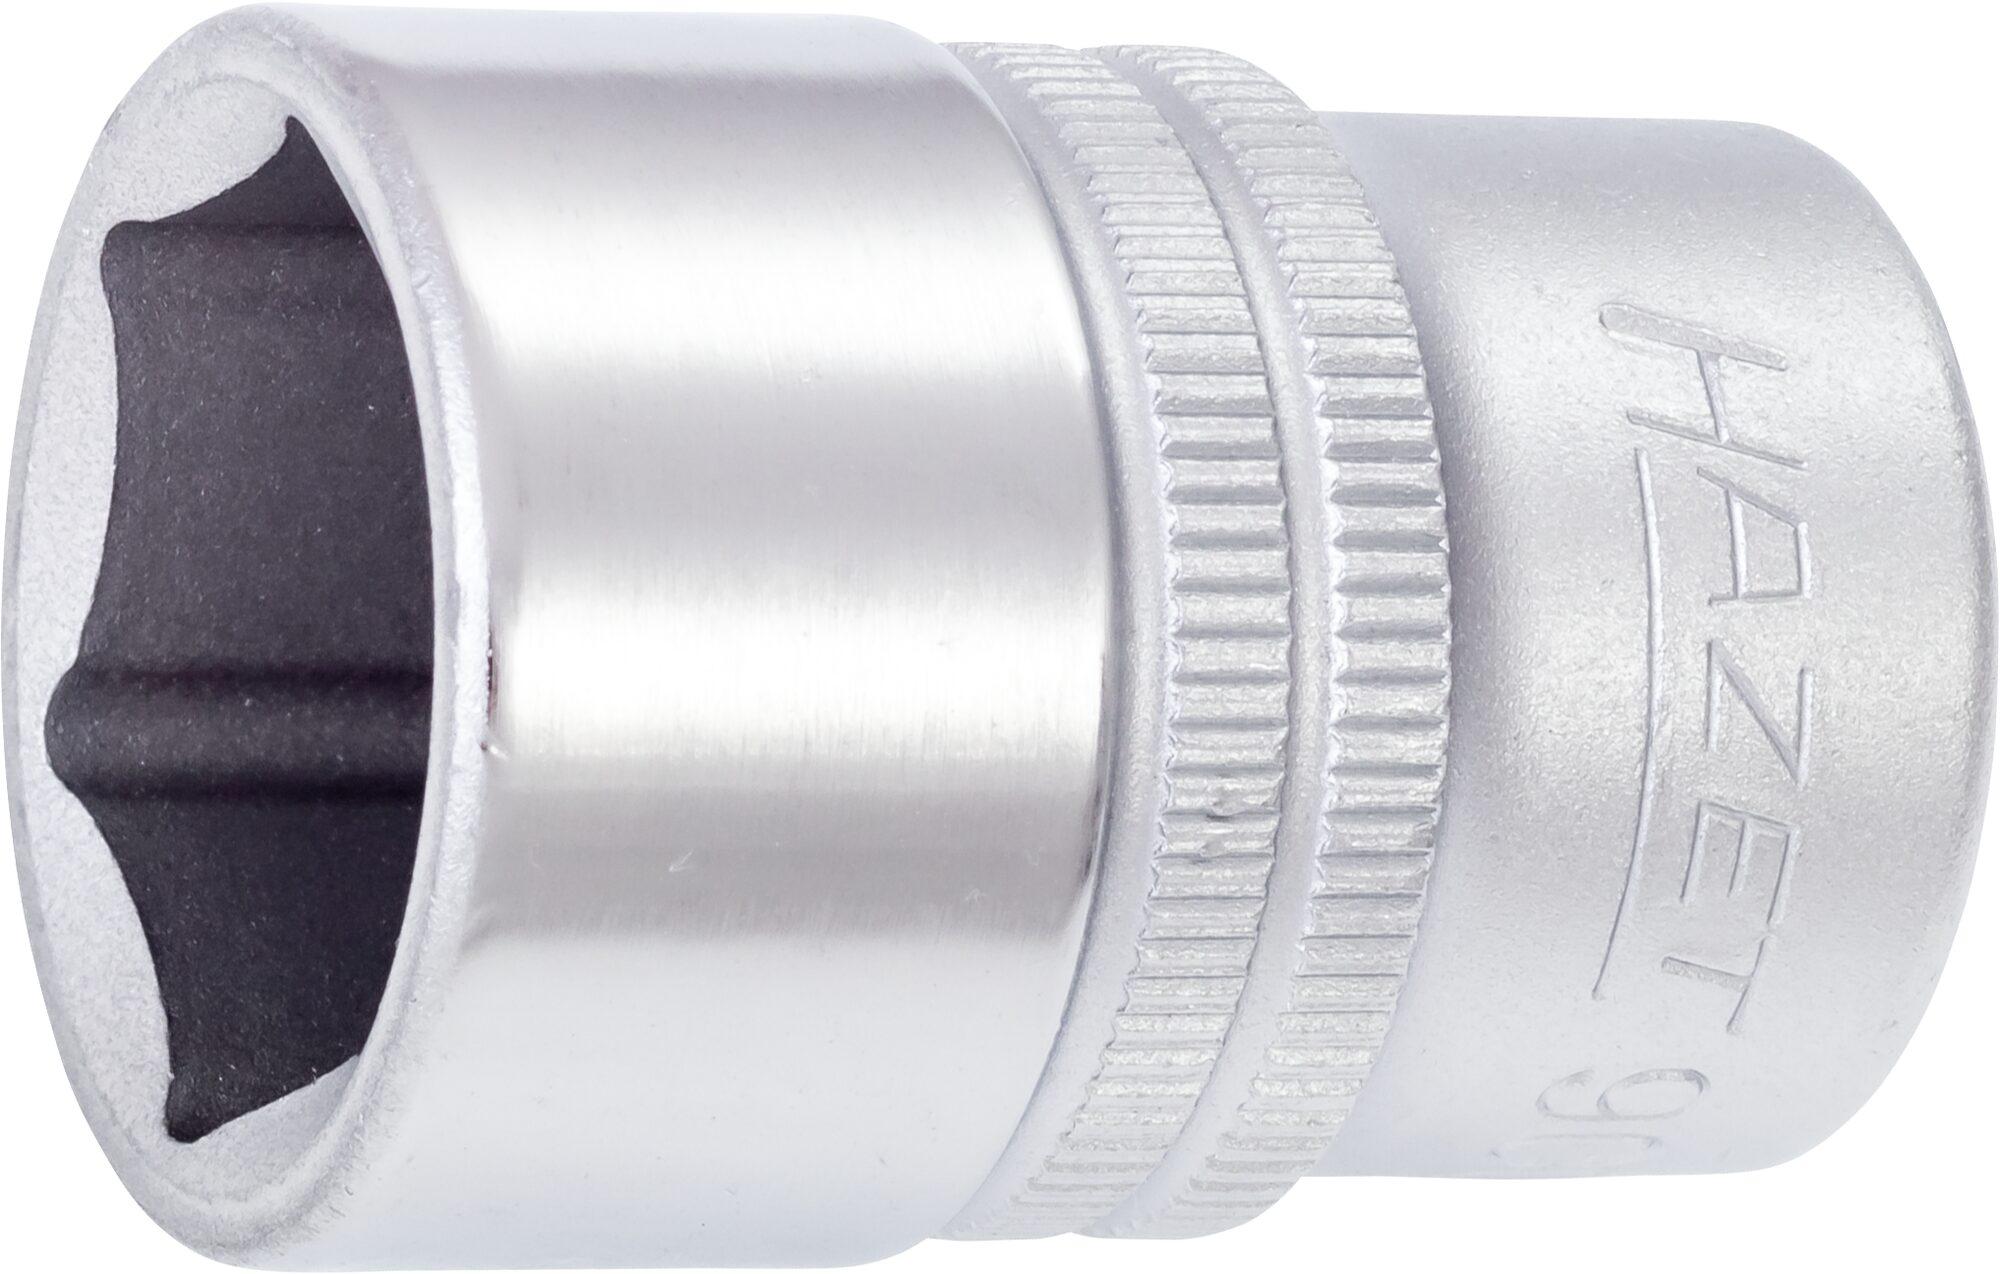 HAZET Steckschlüsseleinsatz ∙ Sechskant 900-8 ∙ Vierkant hohl 12,5 mm (1/2 Zoll) ∙ Außen-Sechskant-Tractionsprofil